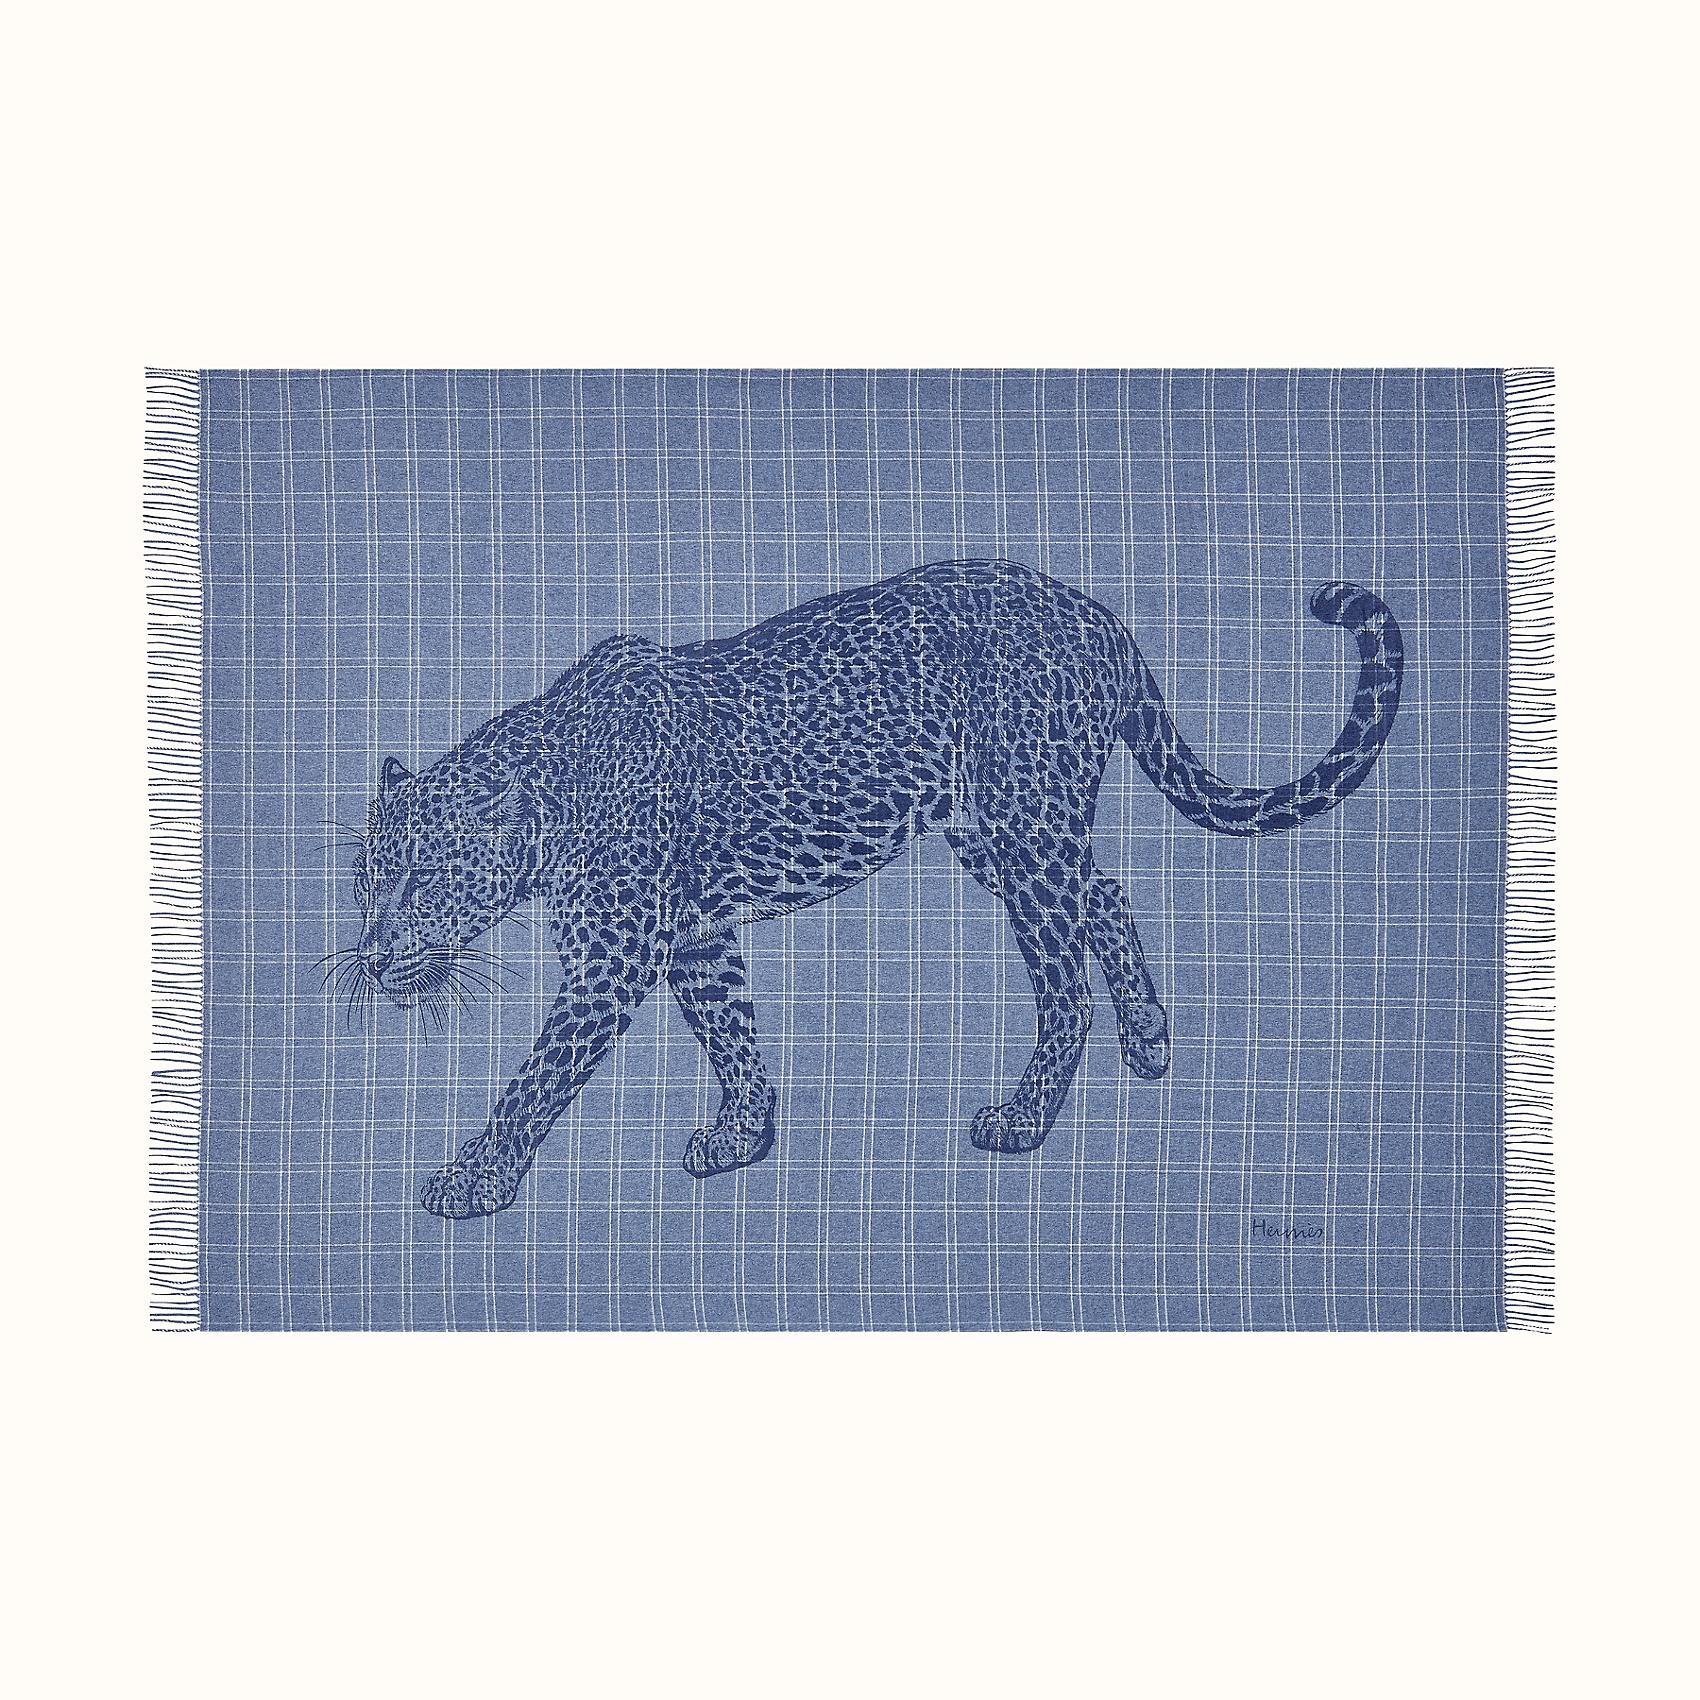 HERMES Leosquare blanket - Marine